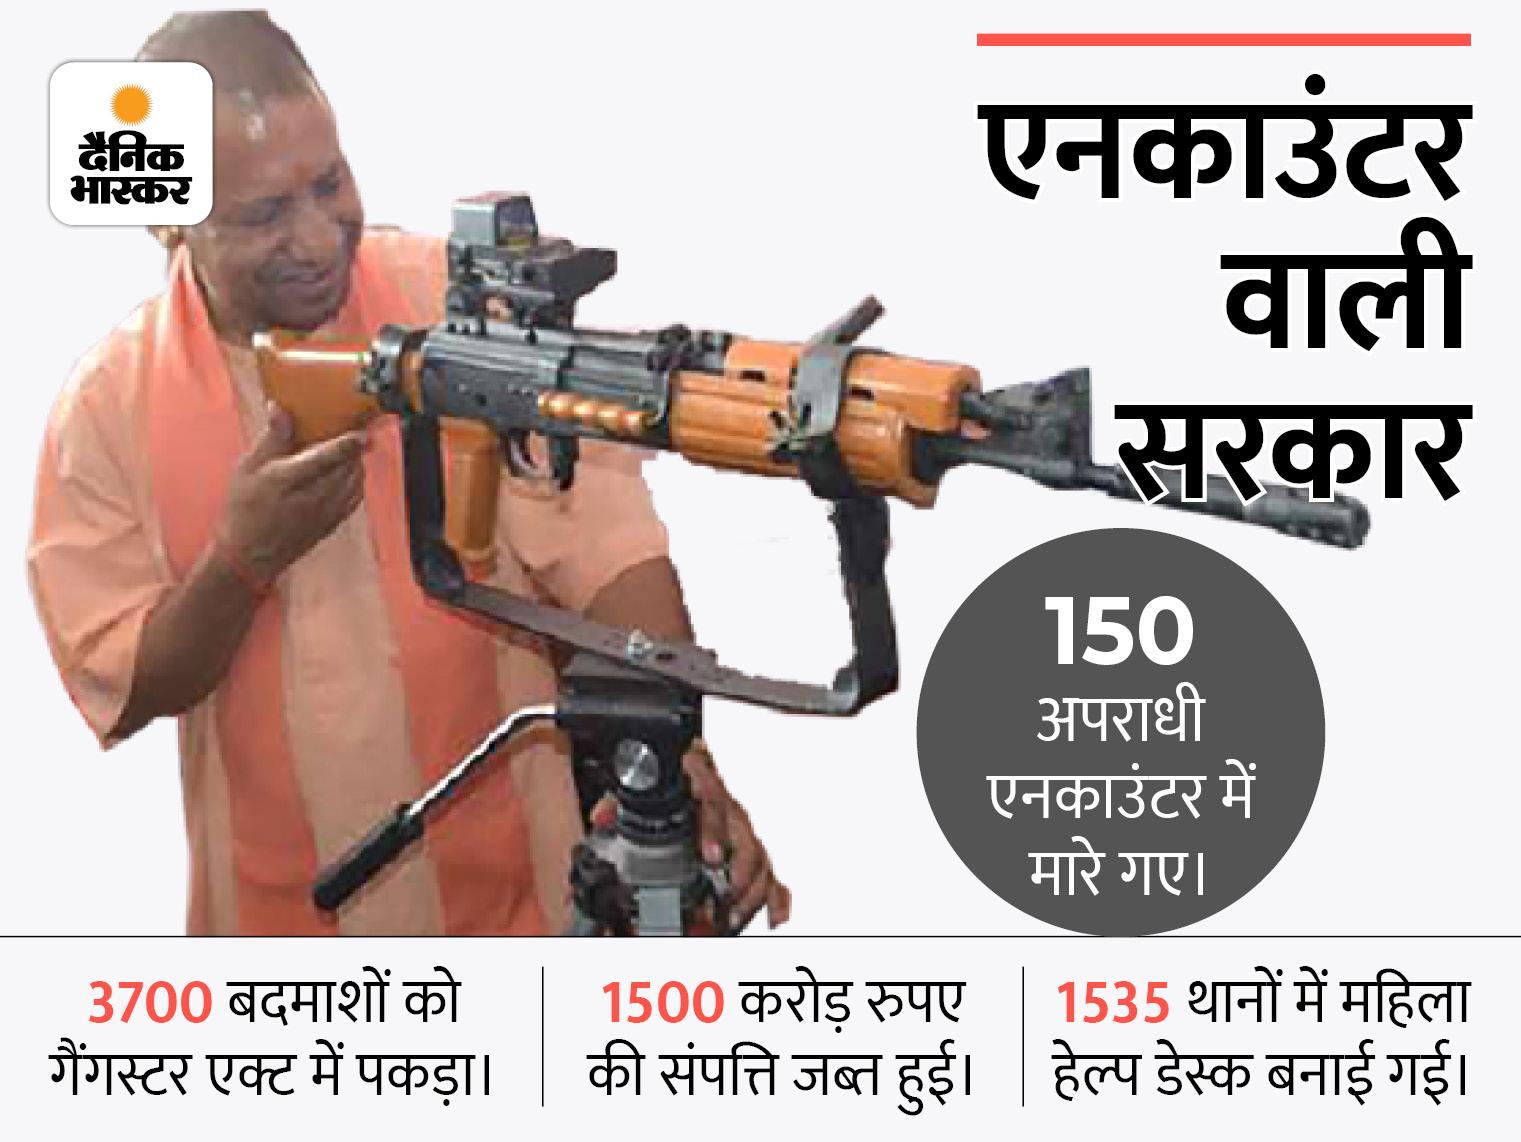 गैंगस्टर एक्ट में 3700 से ज्यादा अपराधी पकड़े गए, 550 बदमाशों पर लगा NSA; माफियाओं की 1,500 करोड़ रुपए की संपति जब्त हुई|लखनऊ,Lucknow - Dainik Bhaskar